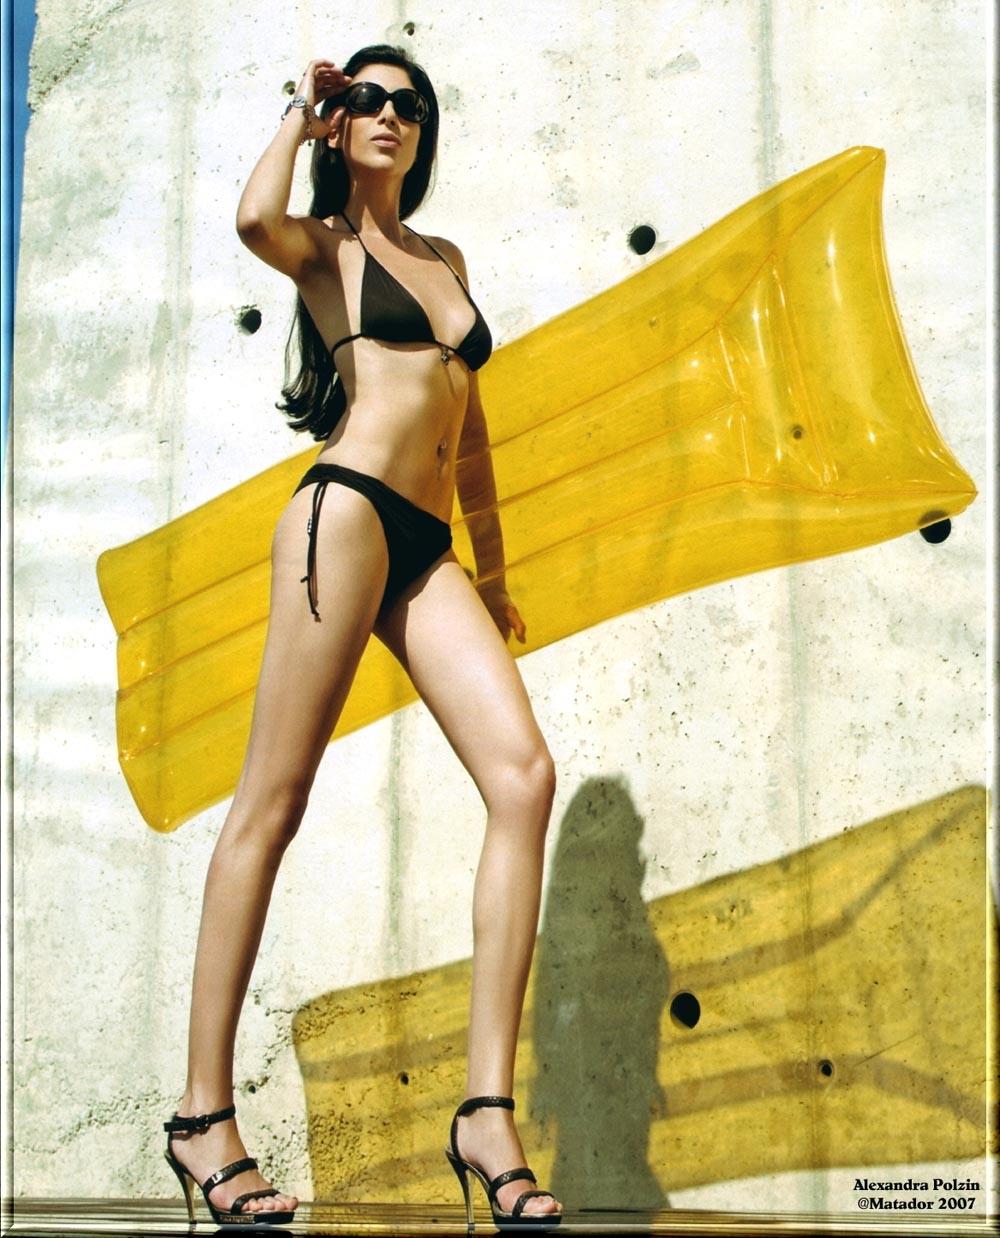 Александра Польцин голая. Фото - 6